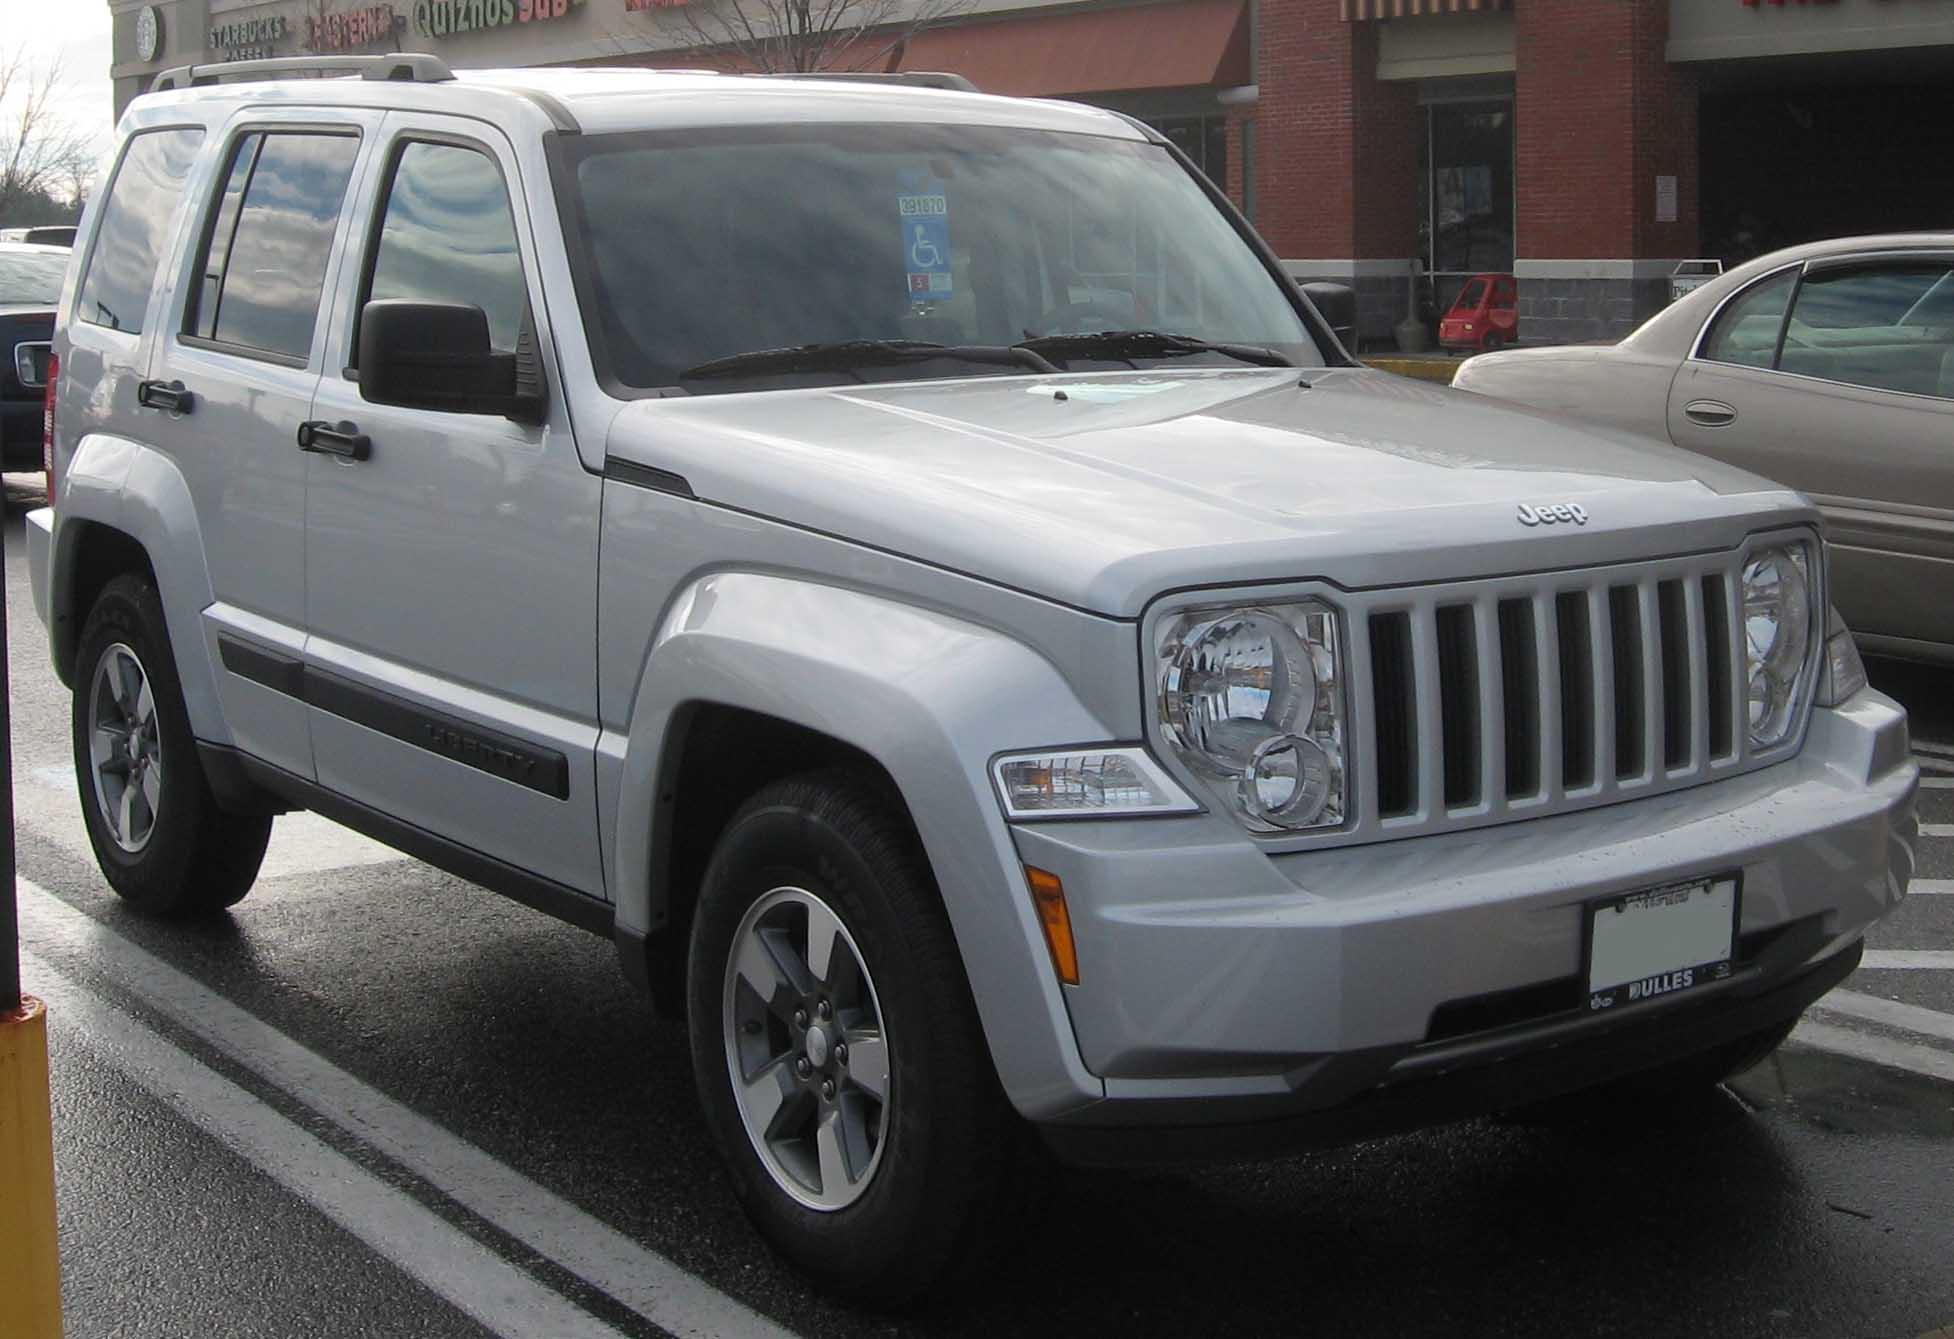 file:2008 jeep liberty - wikimedia commons